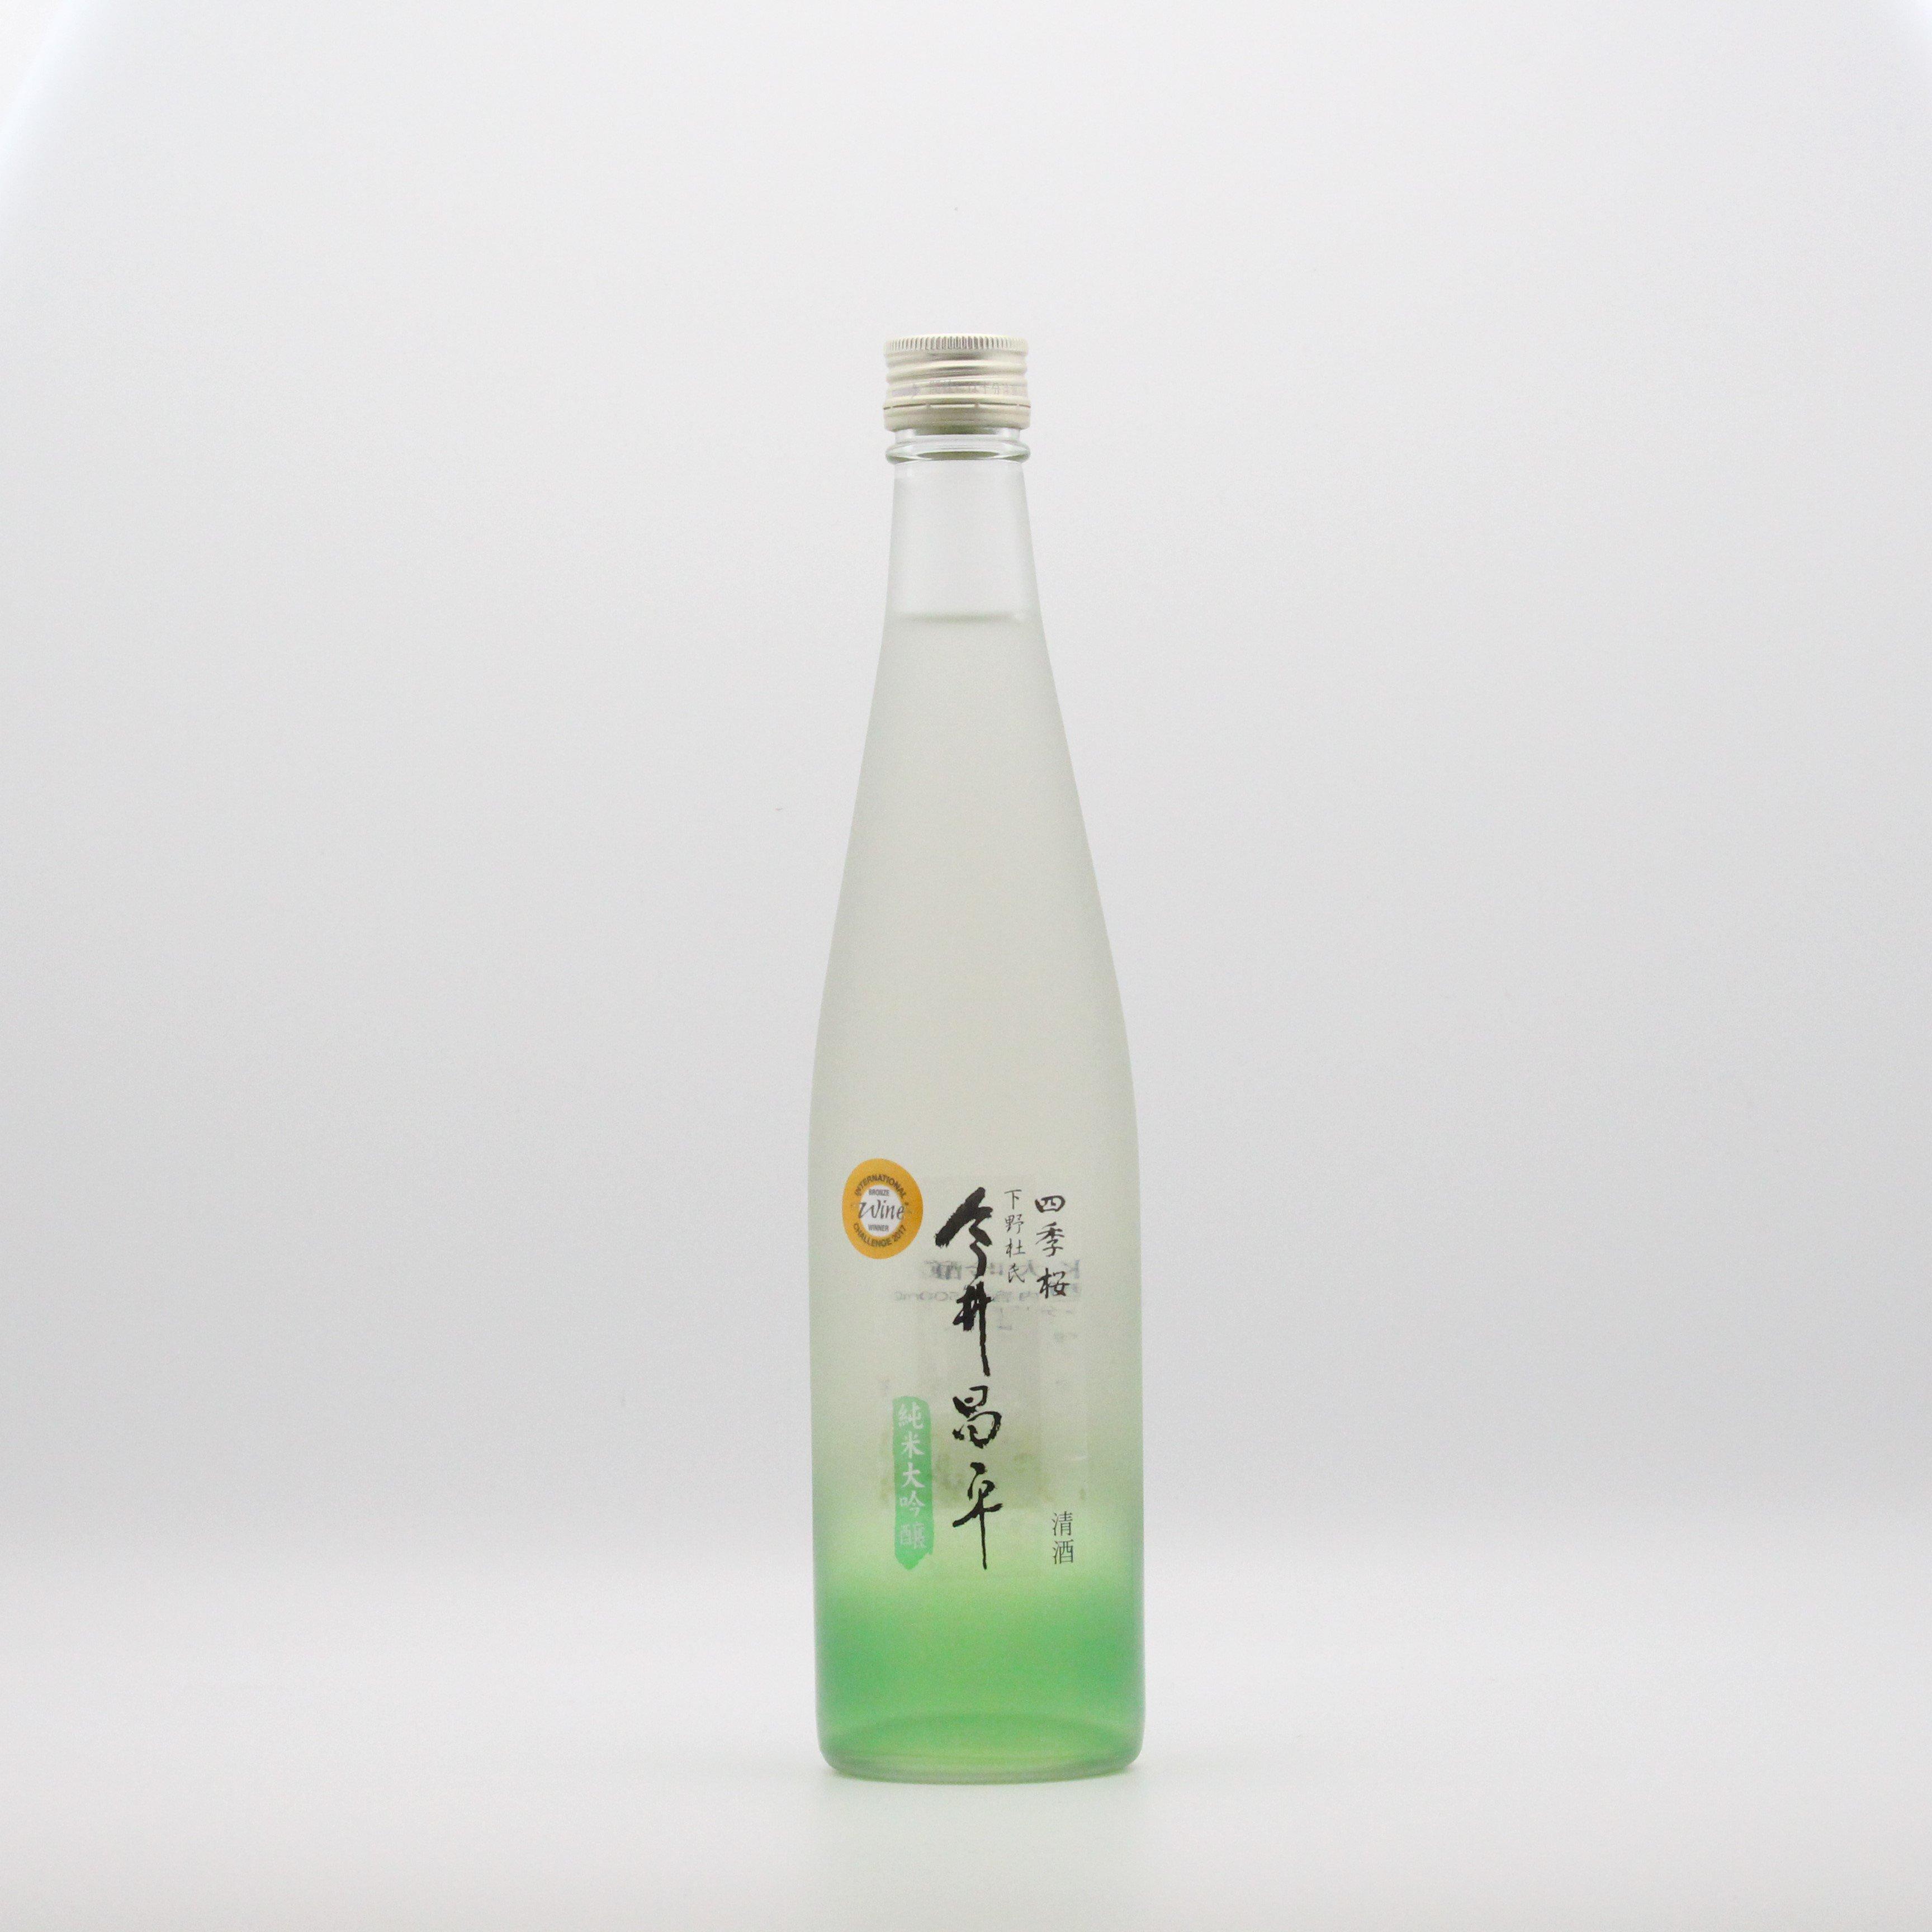 宇都宮酒造/今井昌平(純米大吟醸酒) 500ml